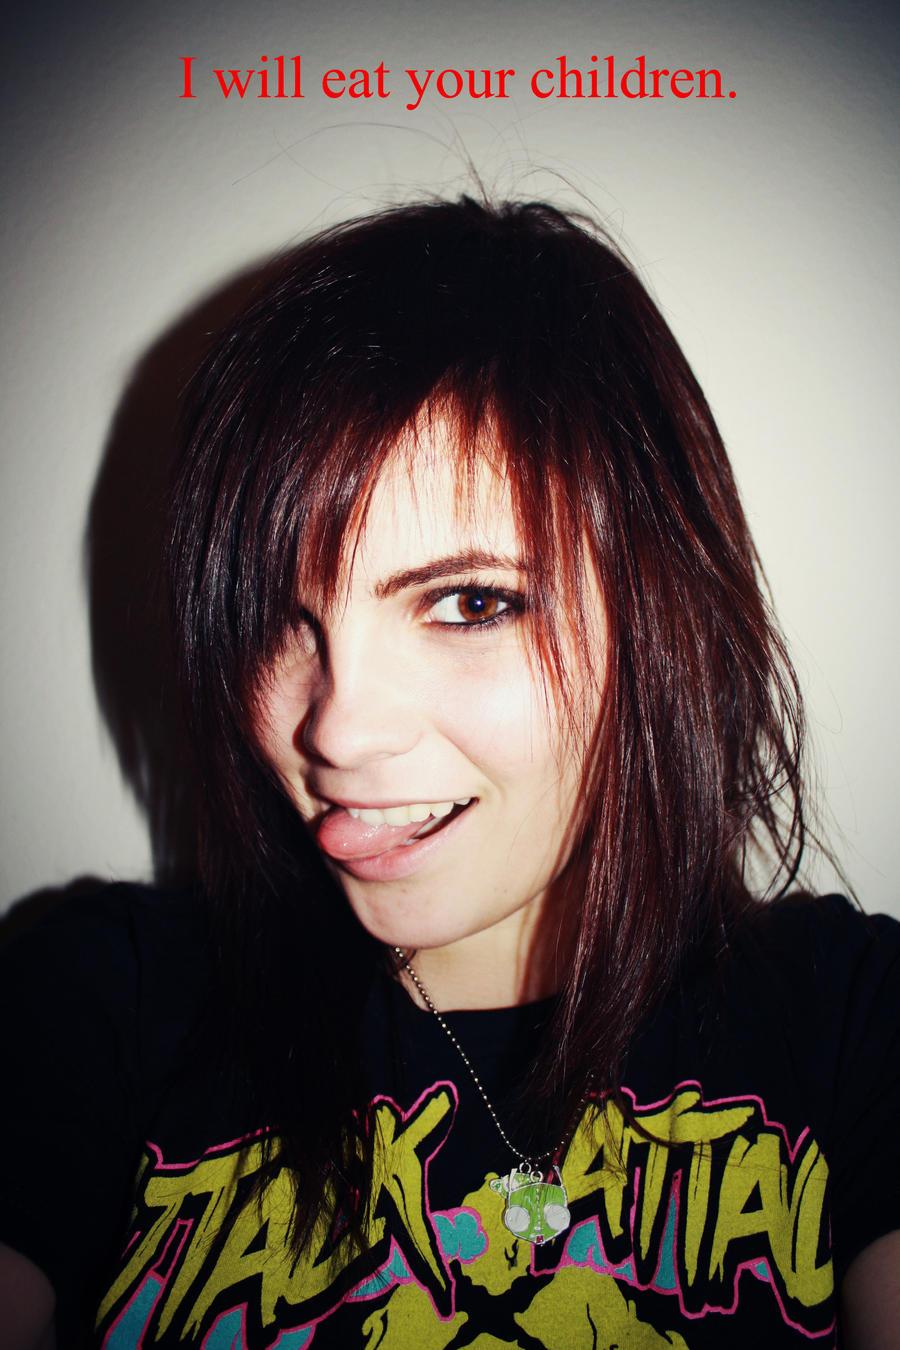 neverhurtno1's Profile Picture